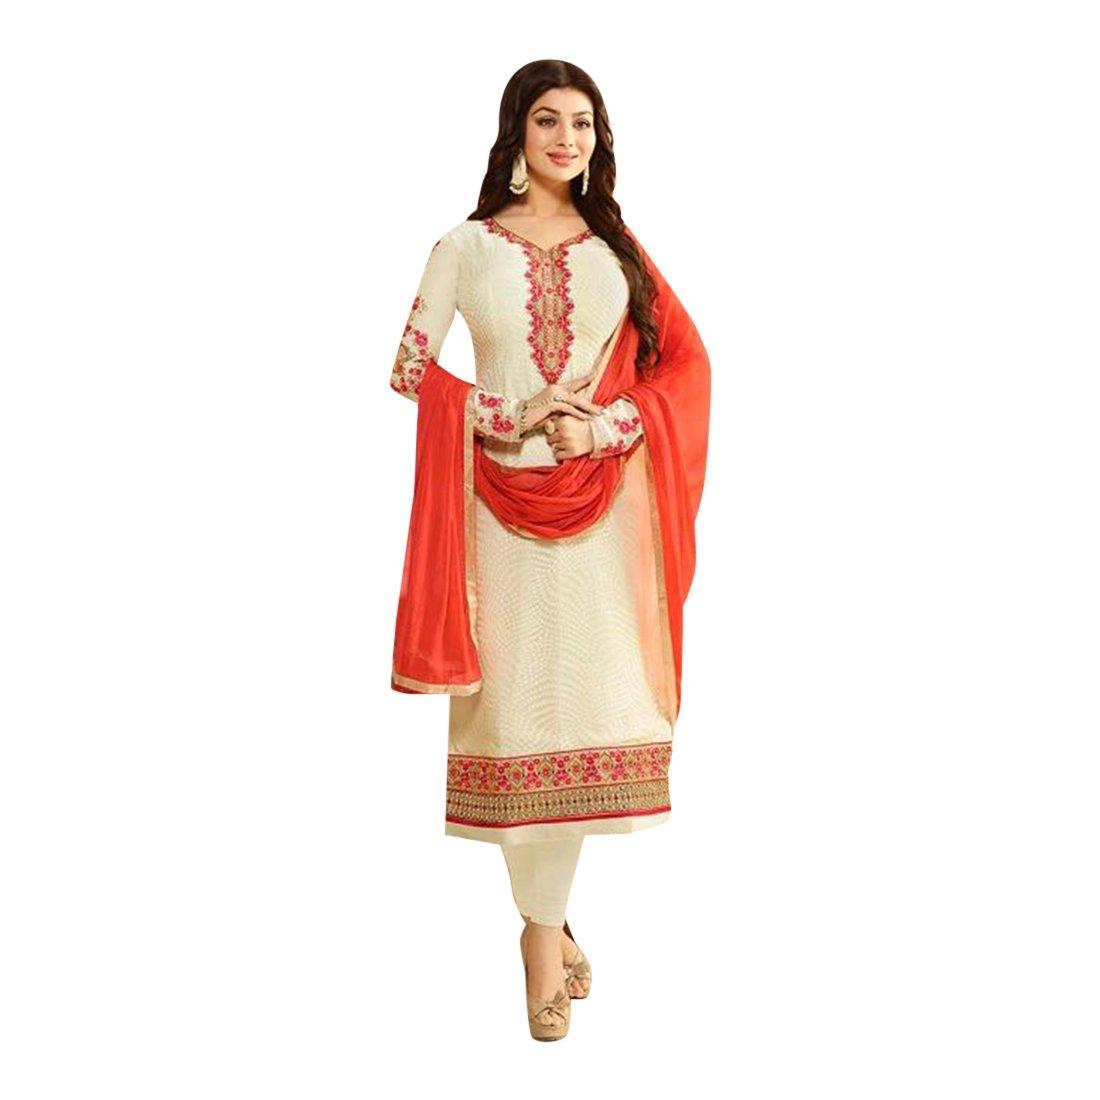 Amazon.com: Bollywood colección Georgette recto Salwar traje ...